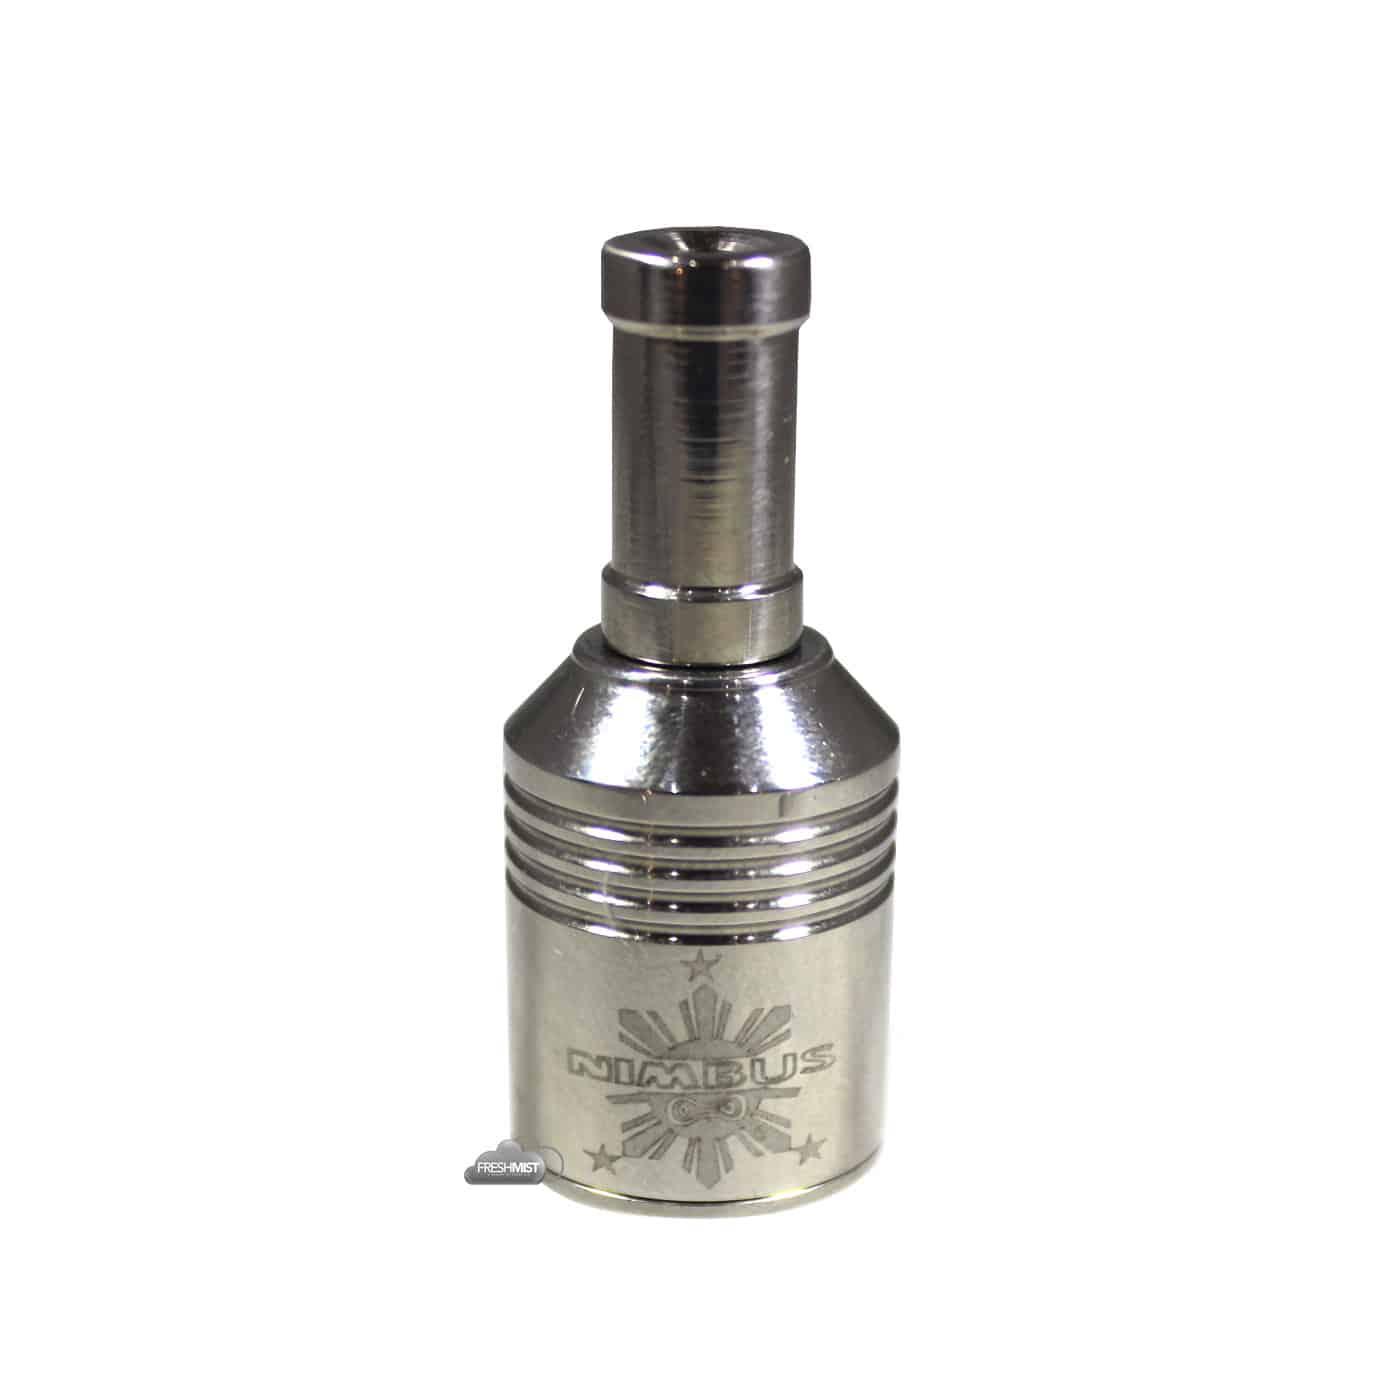 Nimbus RDA Atomizer